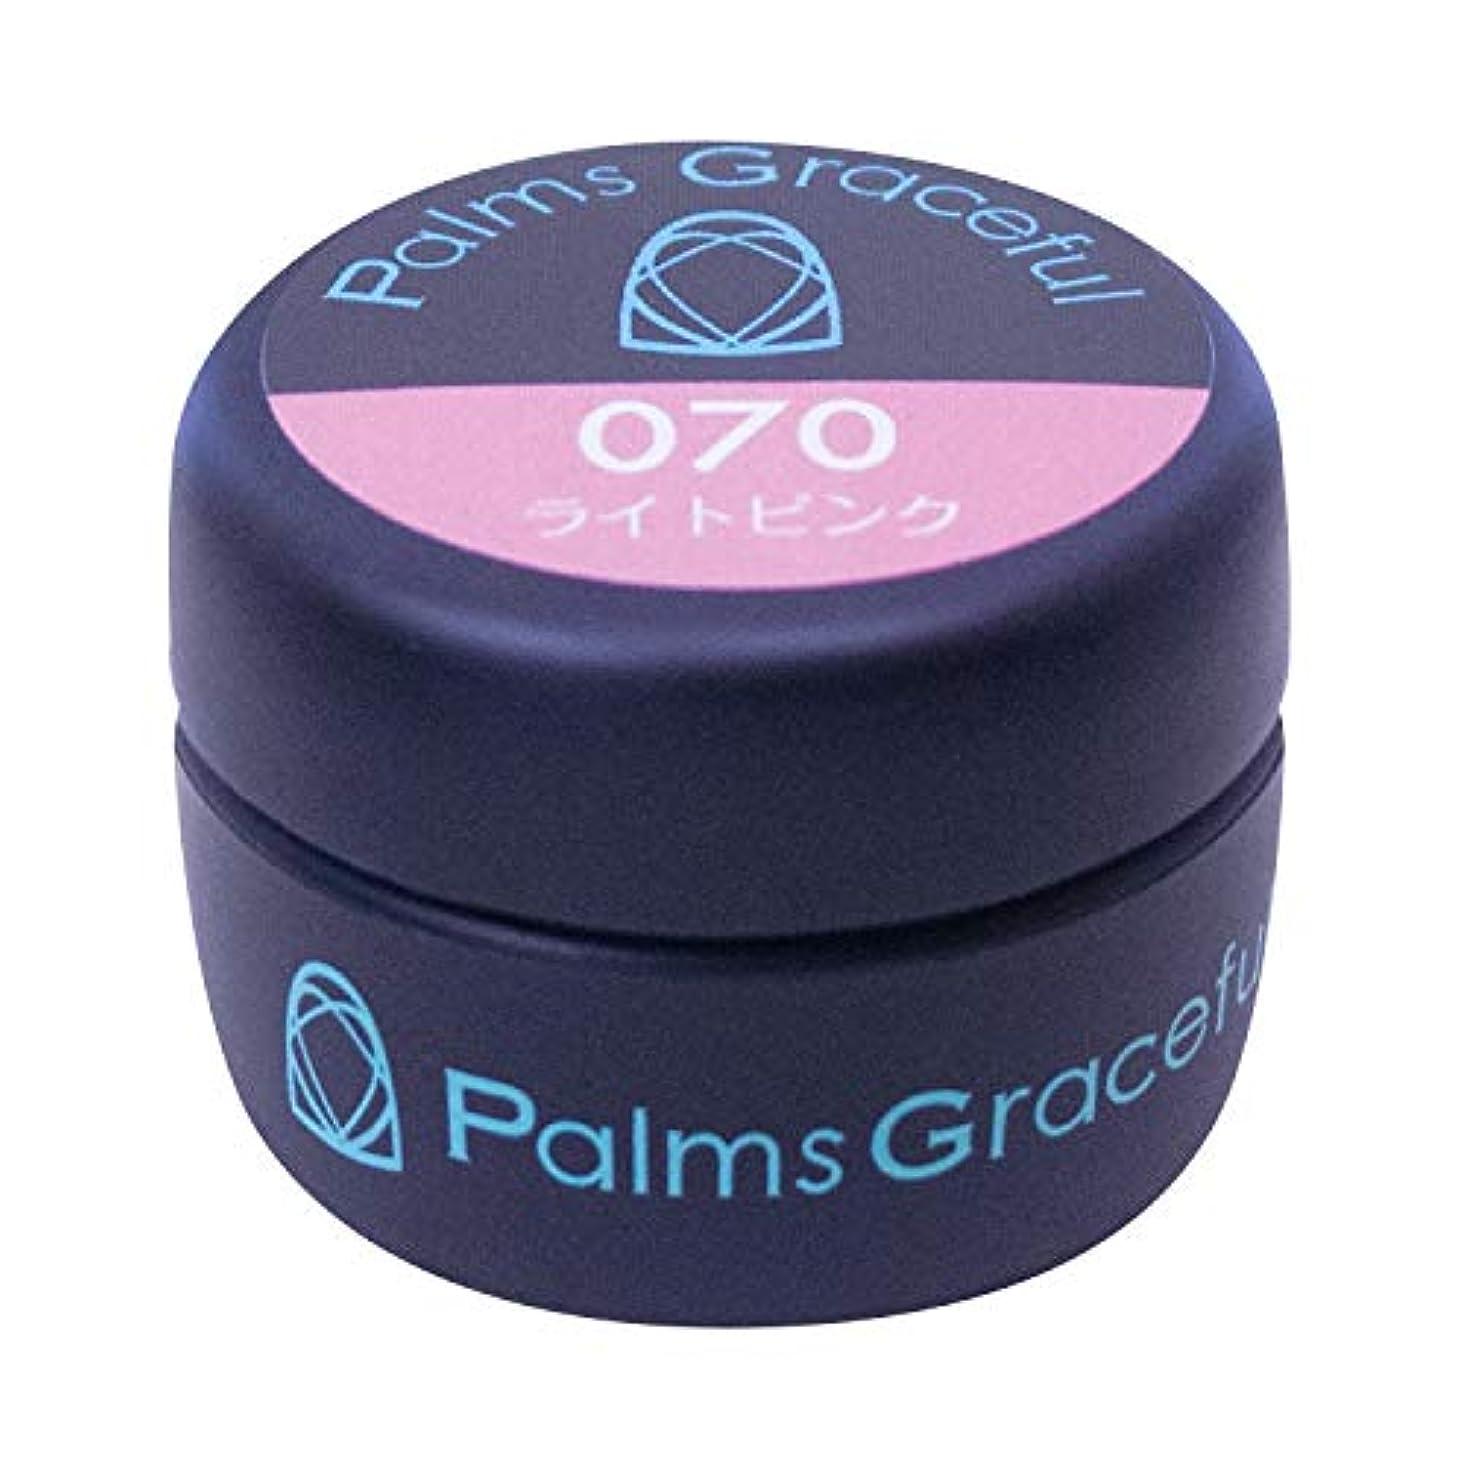 真実にデータベース証明するPalms Graceful カラージェル 3g 070 ライトピンク